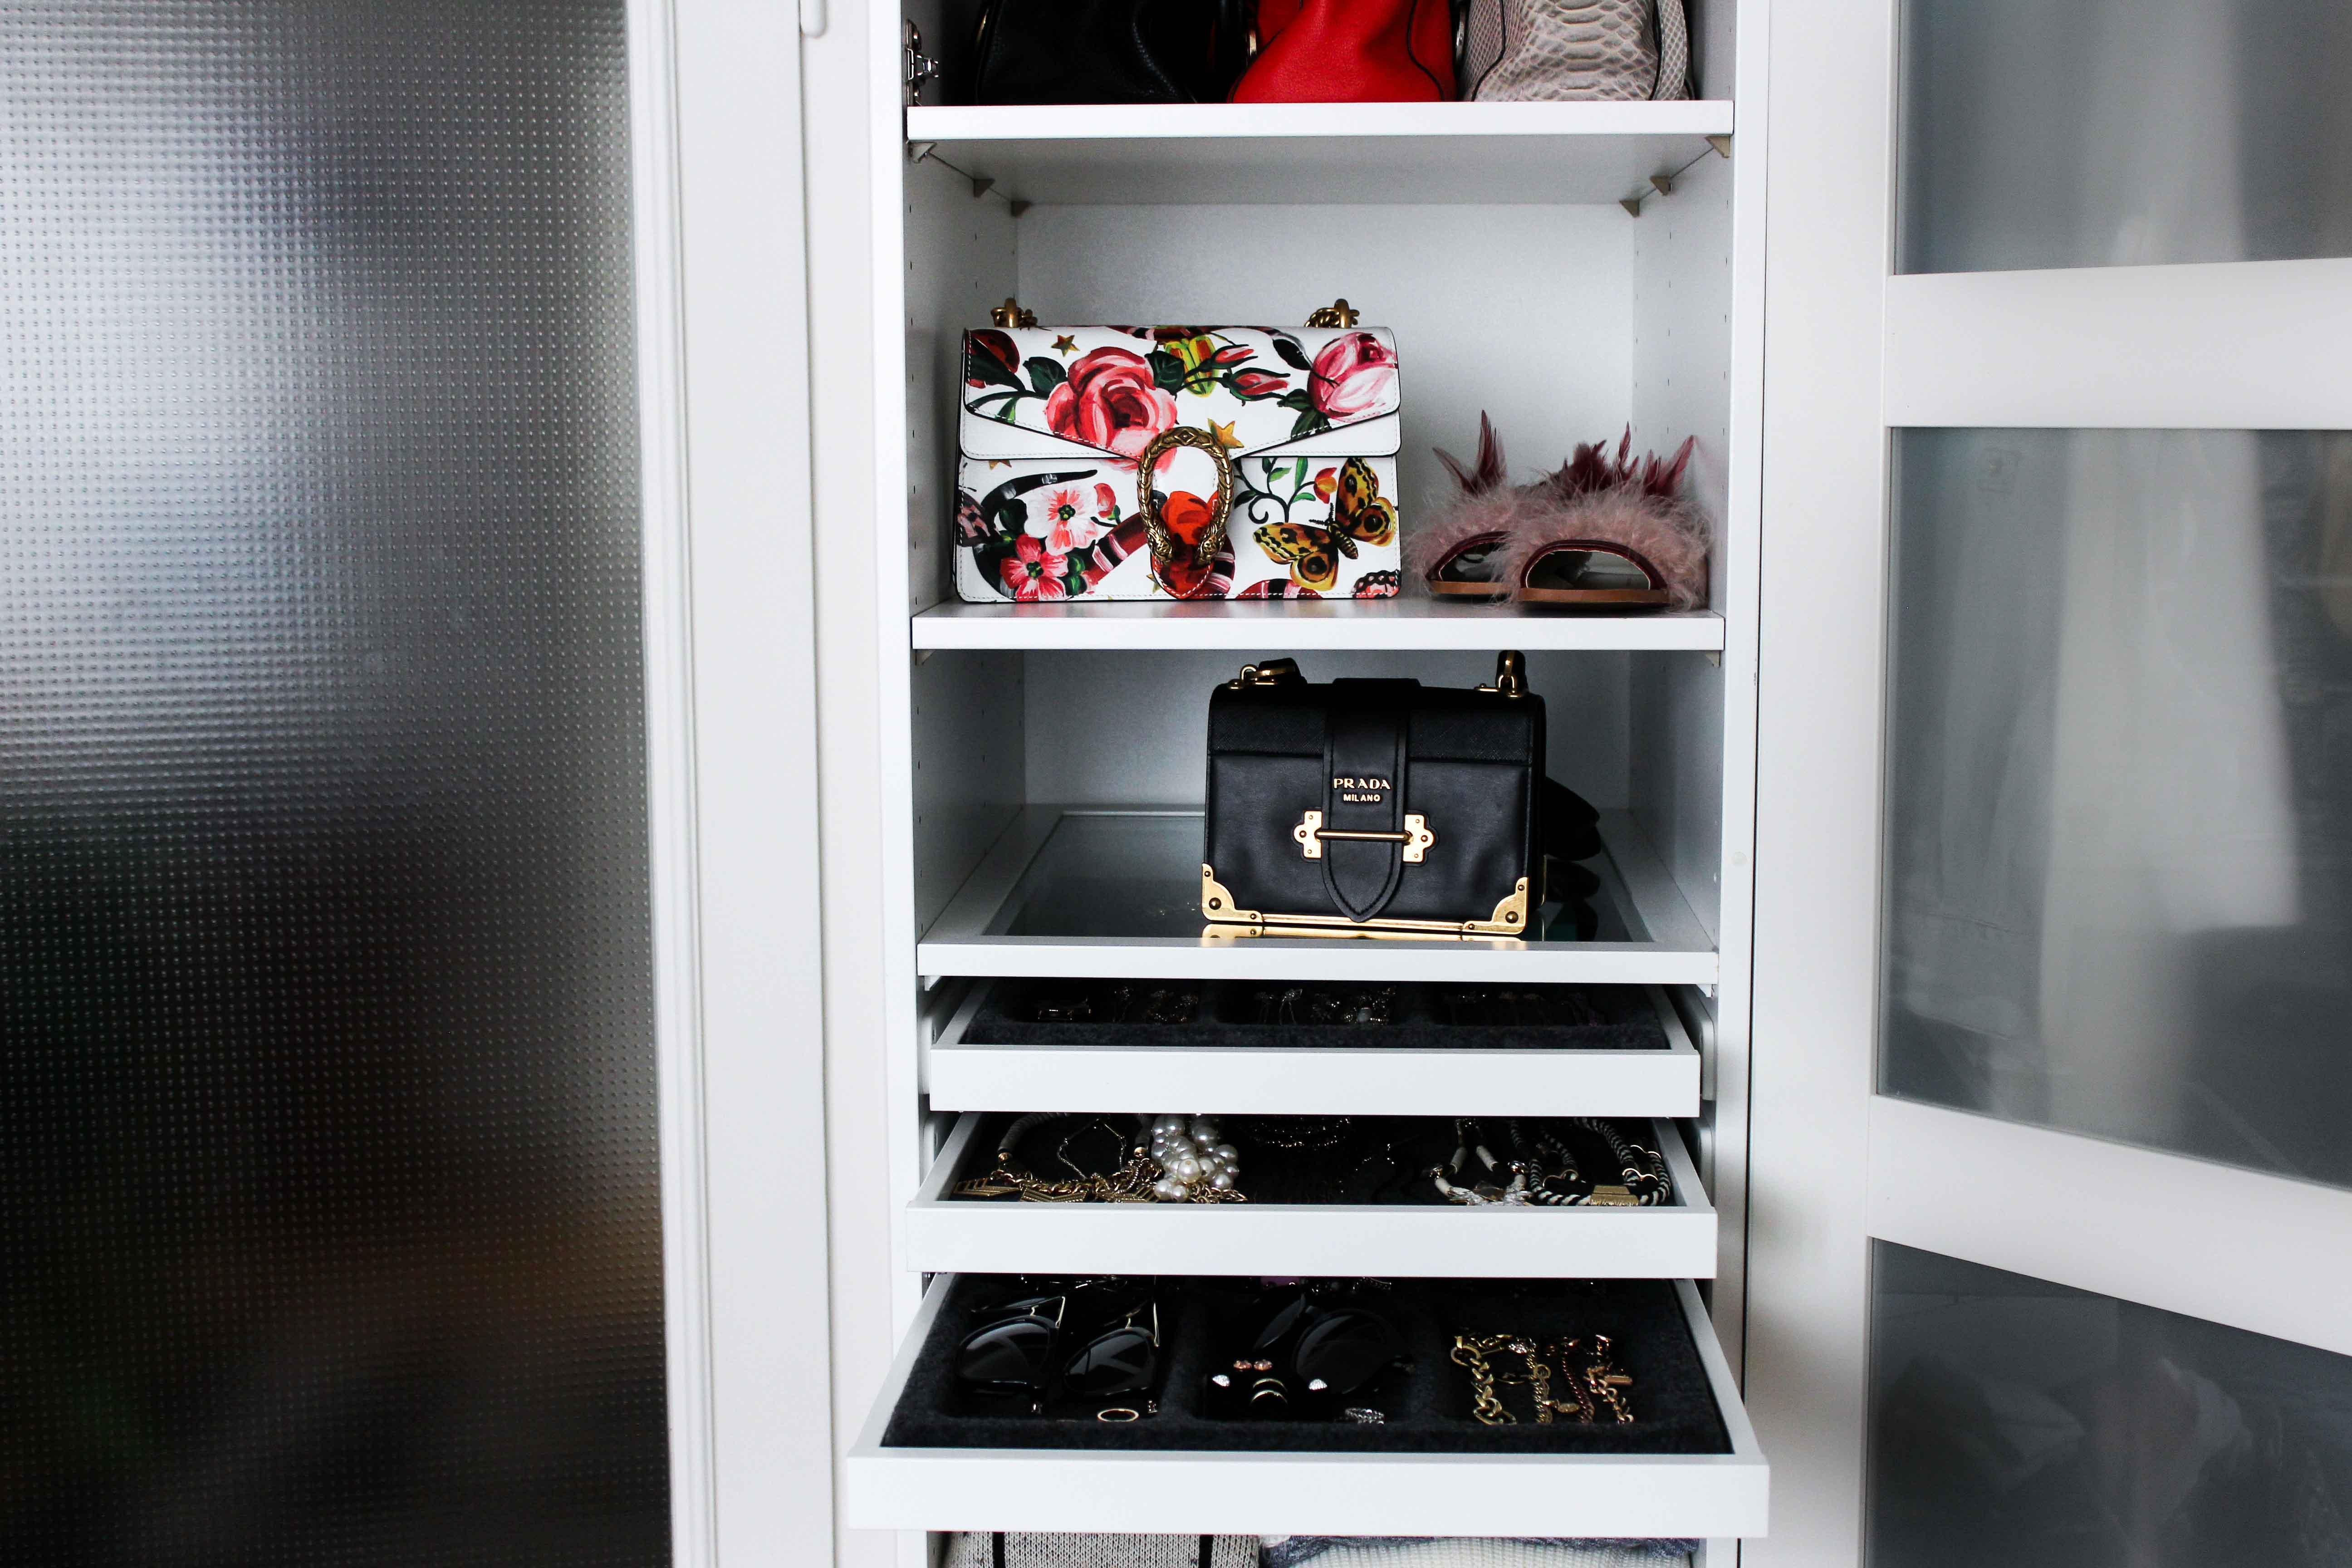 ikea schrank einsatz m bel und heimat design inspiration. Black Bedroom Furniture Sets. Home Design Ideas